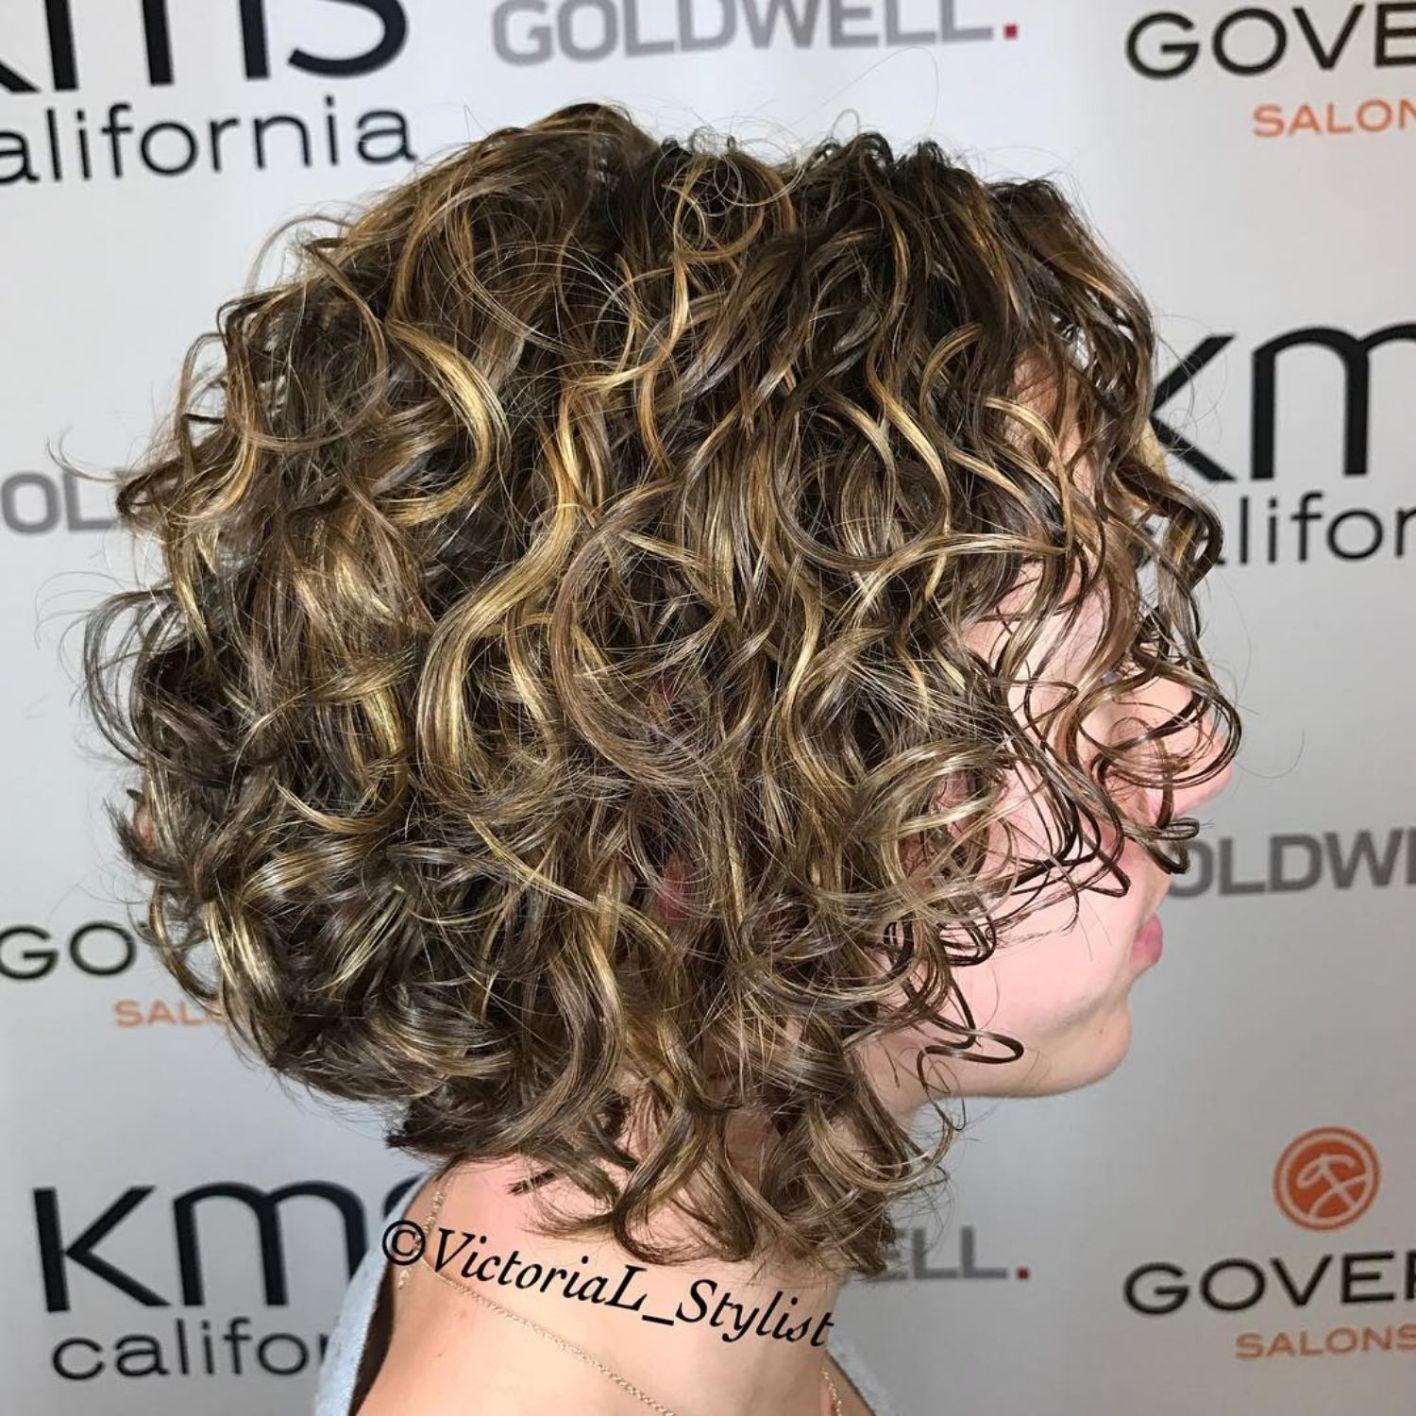 65 Different Versions Of Curly Bob Hairstyle Mit Bildern Bob Frisur Naturlocken Frisuren Frisuren